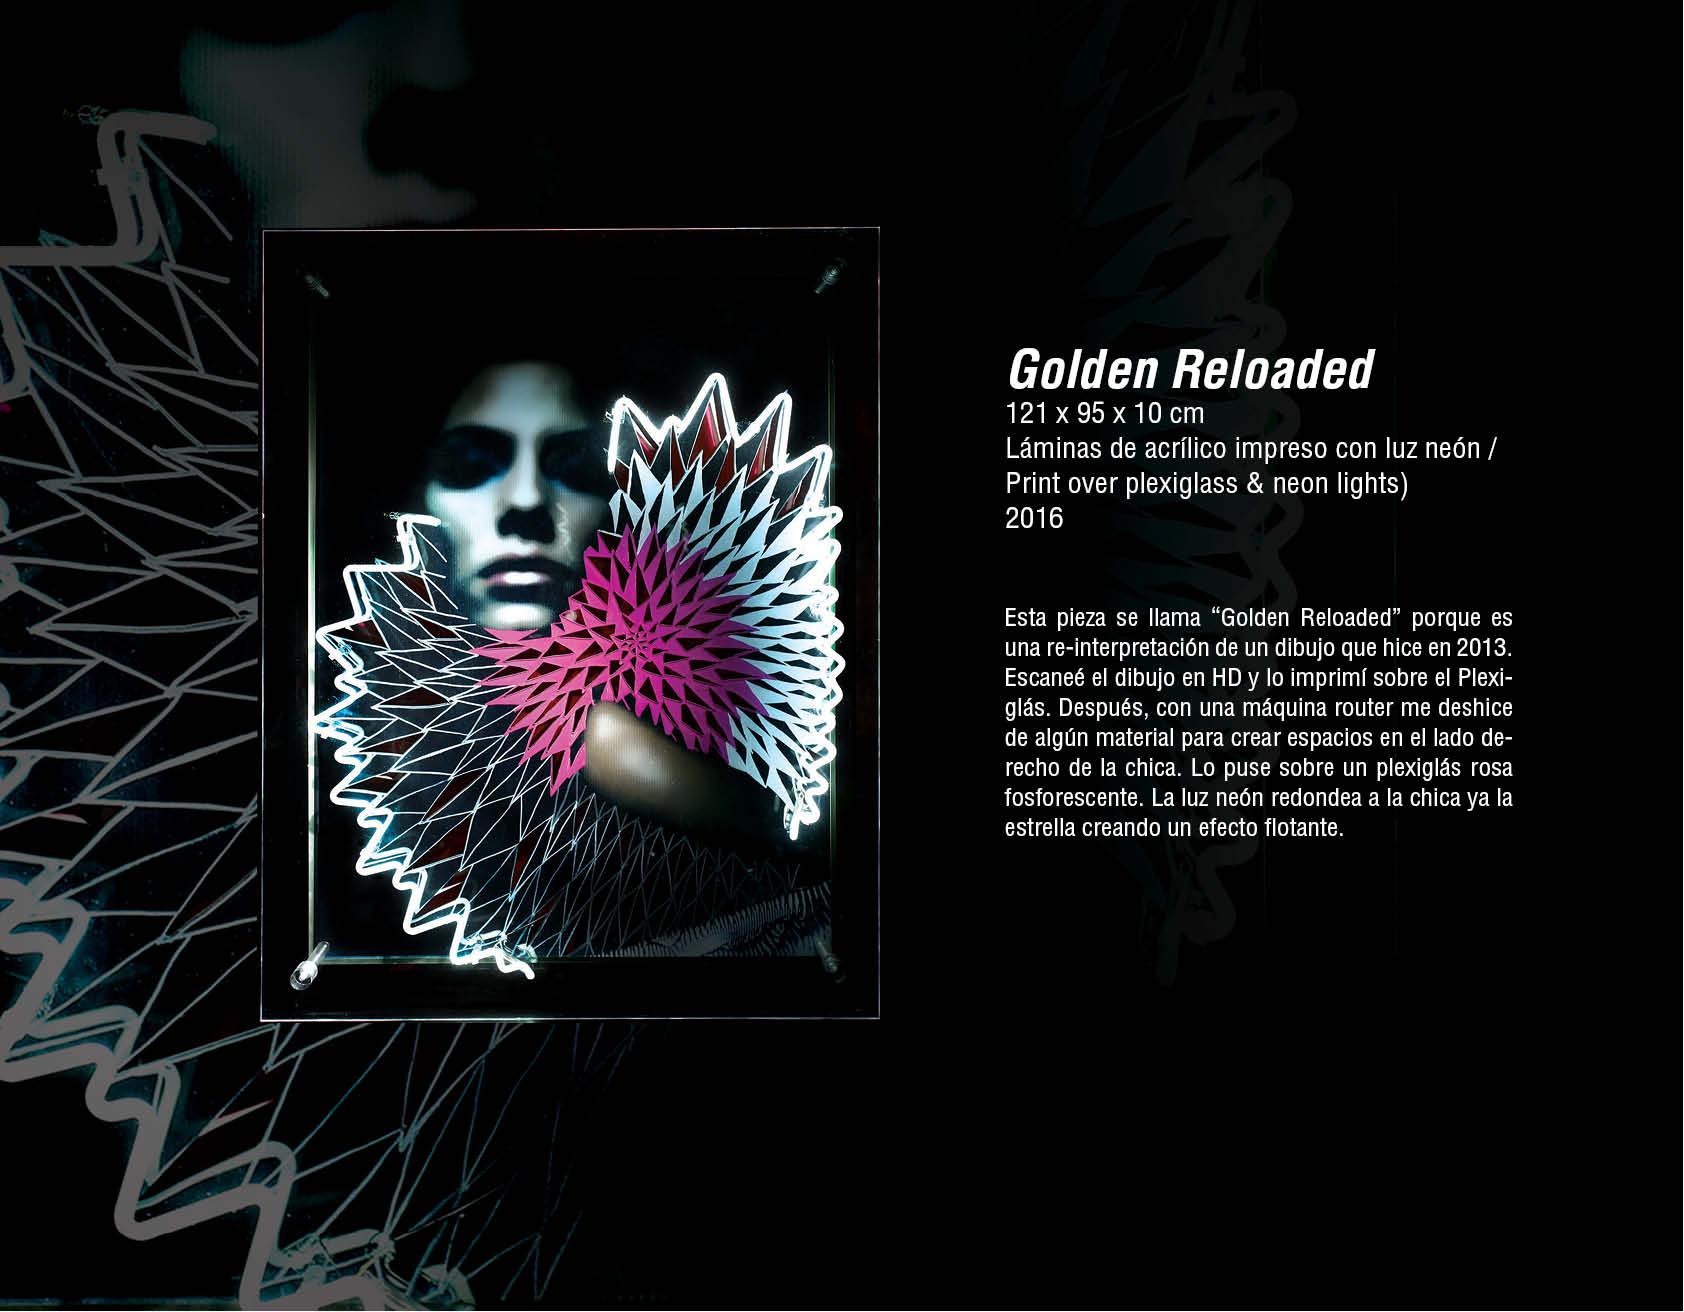 Golden reloaded 1.jpg